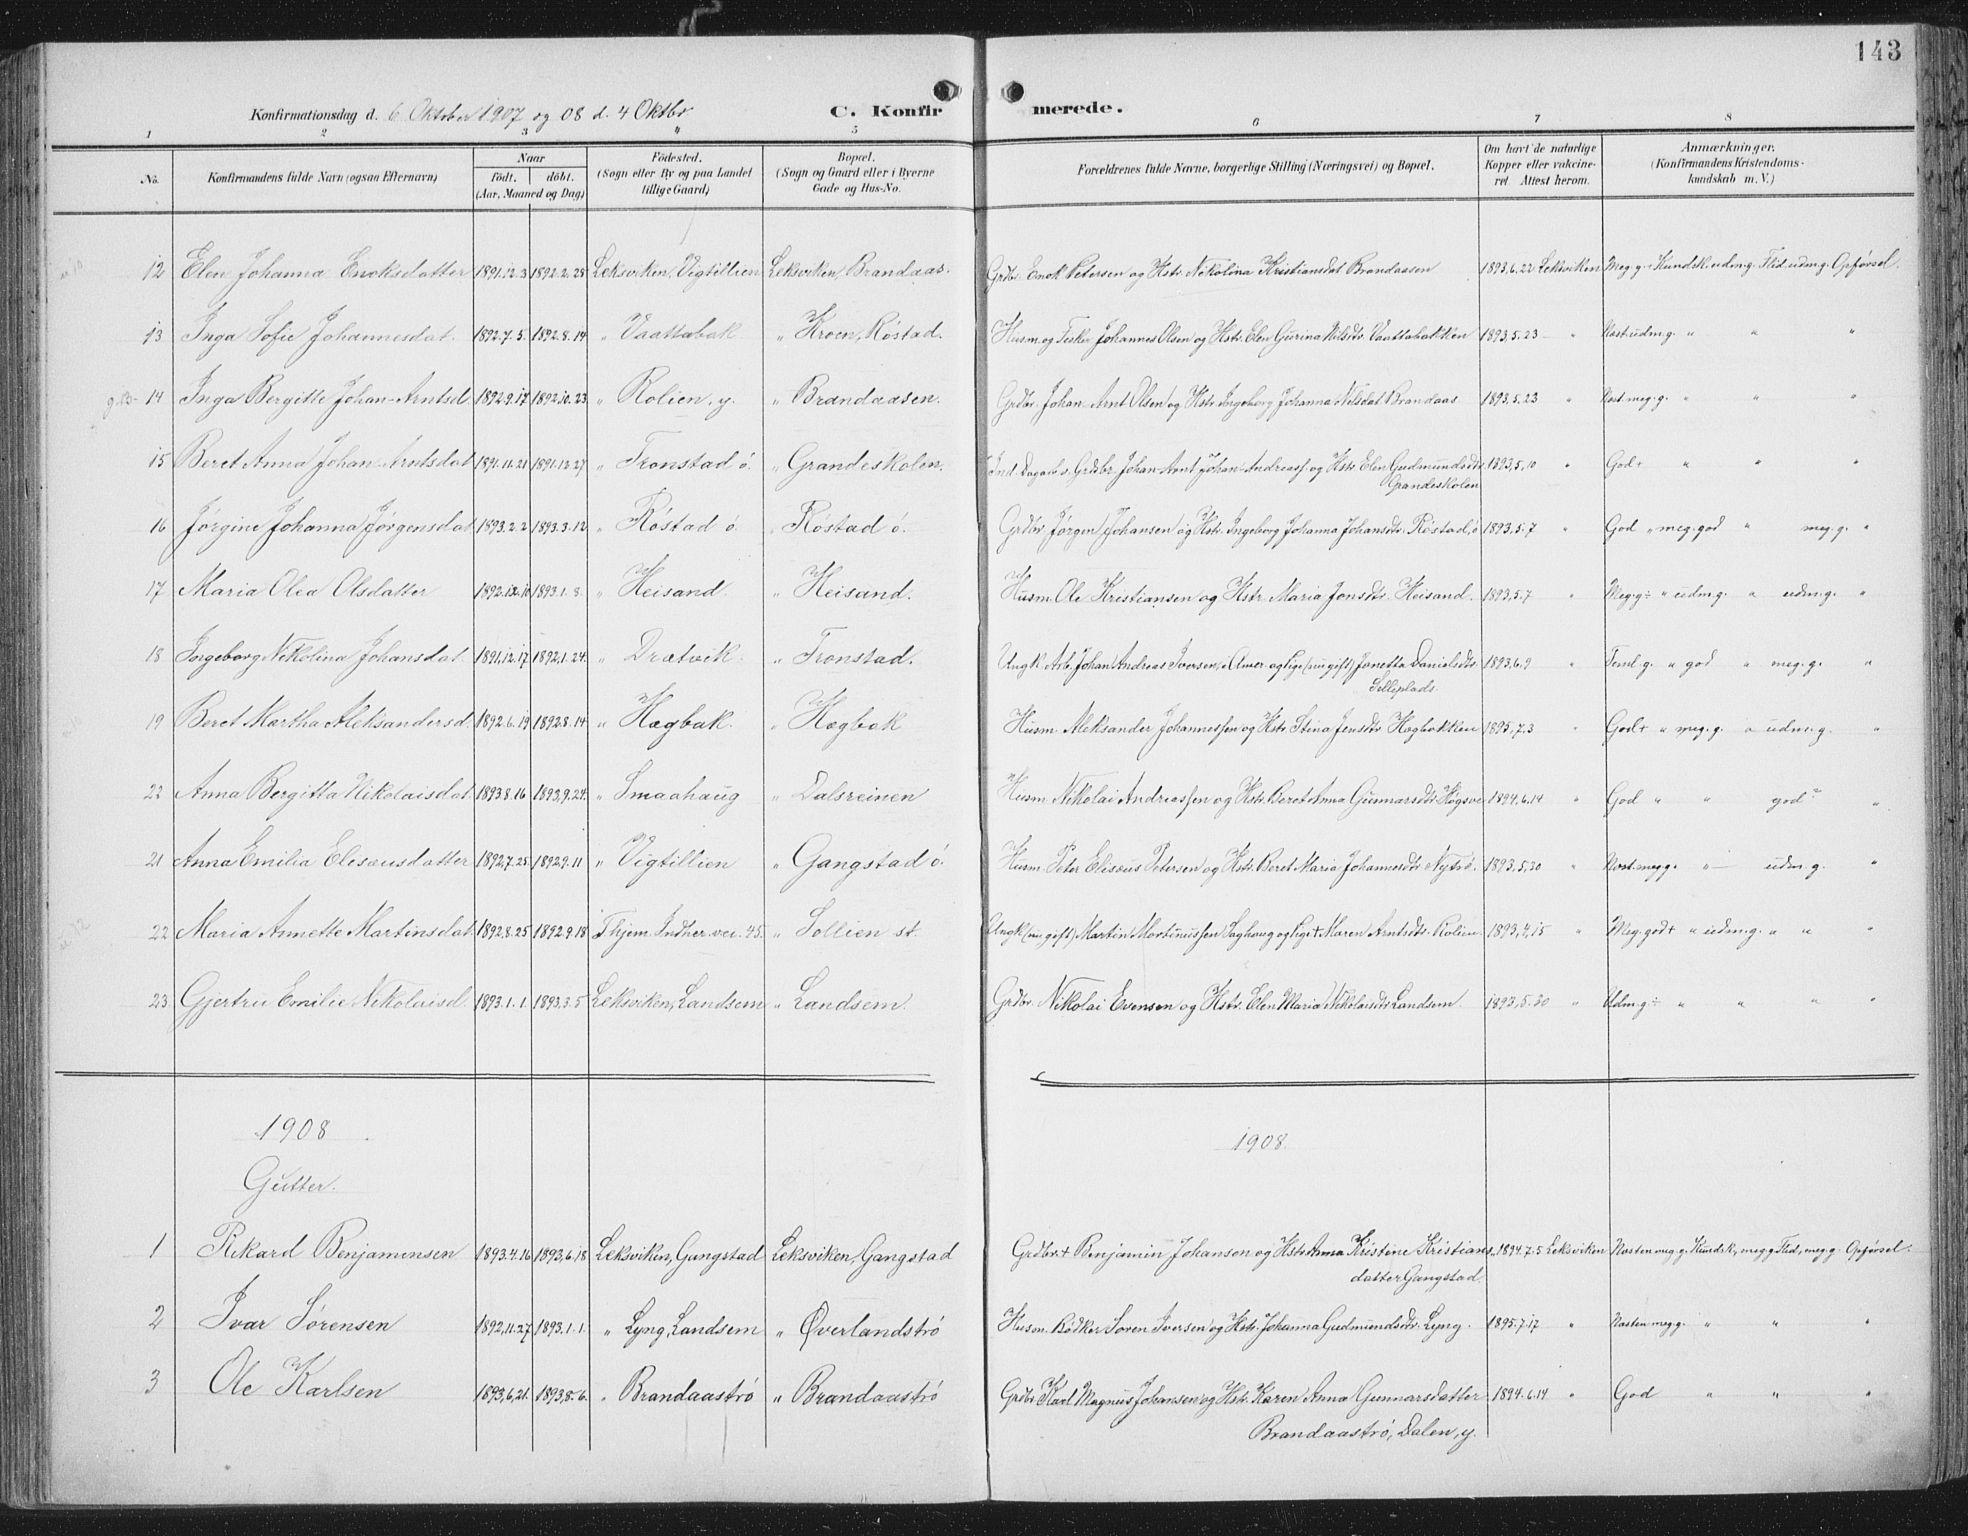 SAT, Ministerialprotokoller, klokkerbøker og fødselsregistre - Nord-Trøndelag, 701/L0011: Ministerialbok nr. 701A11, 1899-1915, s. 143